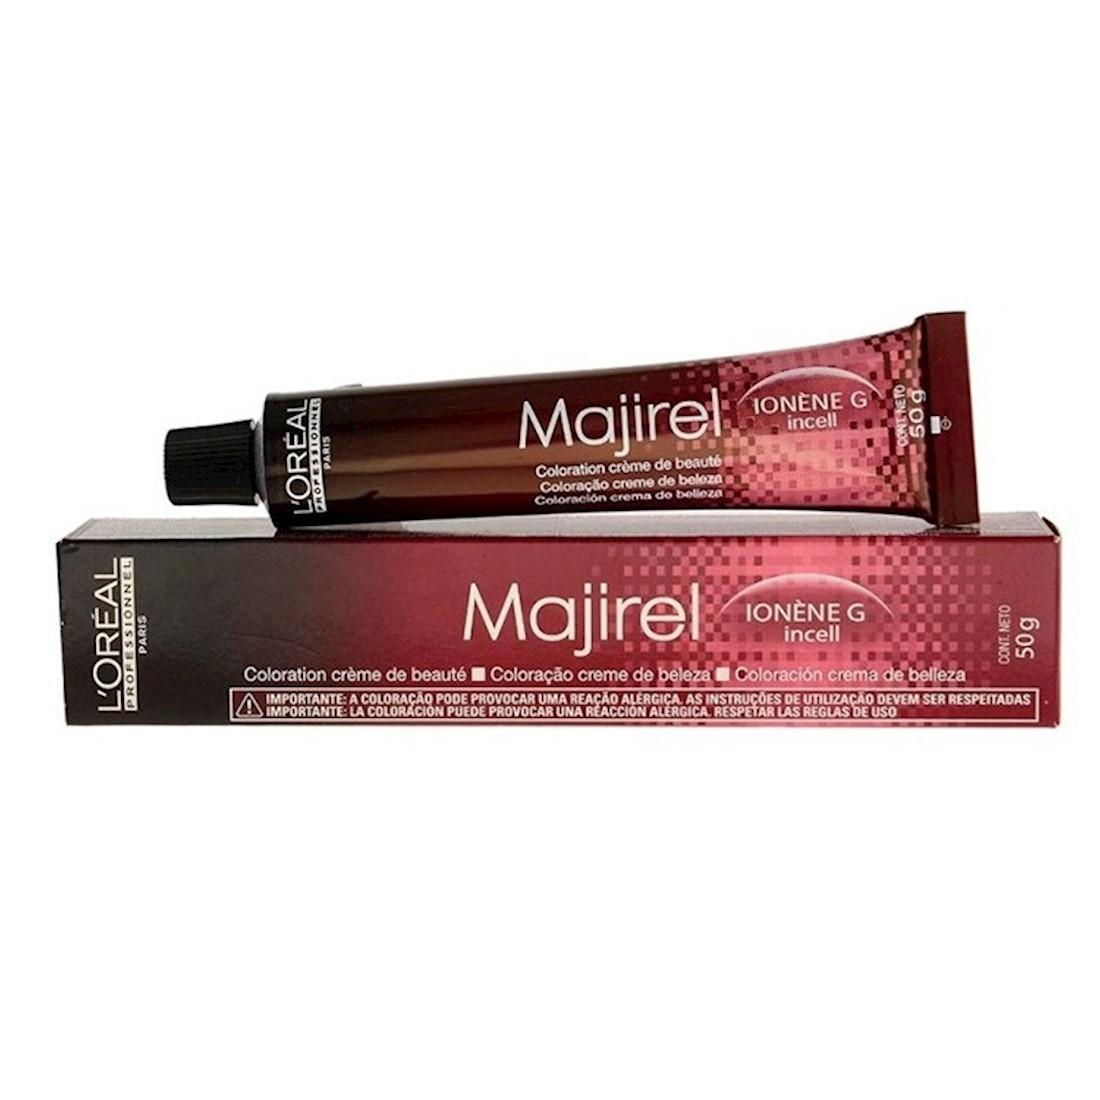 Coloração Majirel 3 (Castanho escuro) da L'Oreal 50g Bisnaga